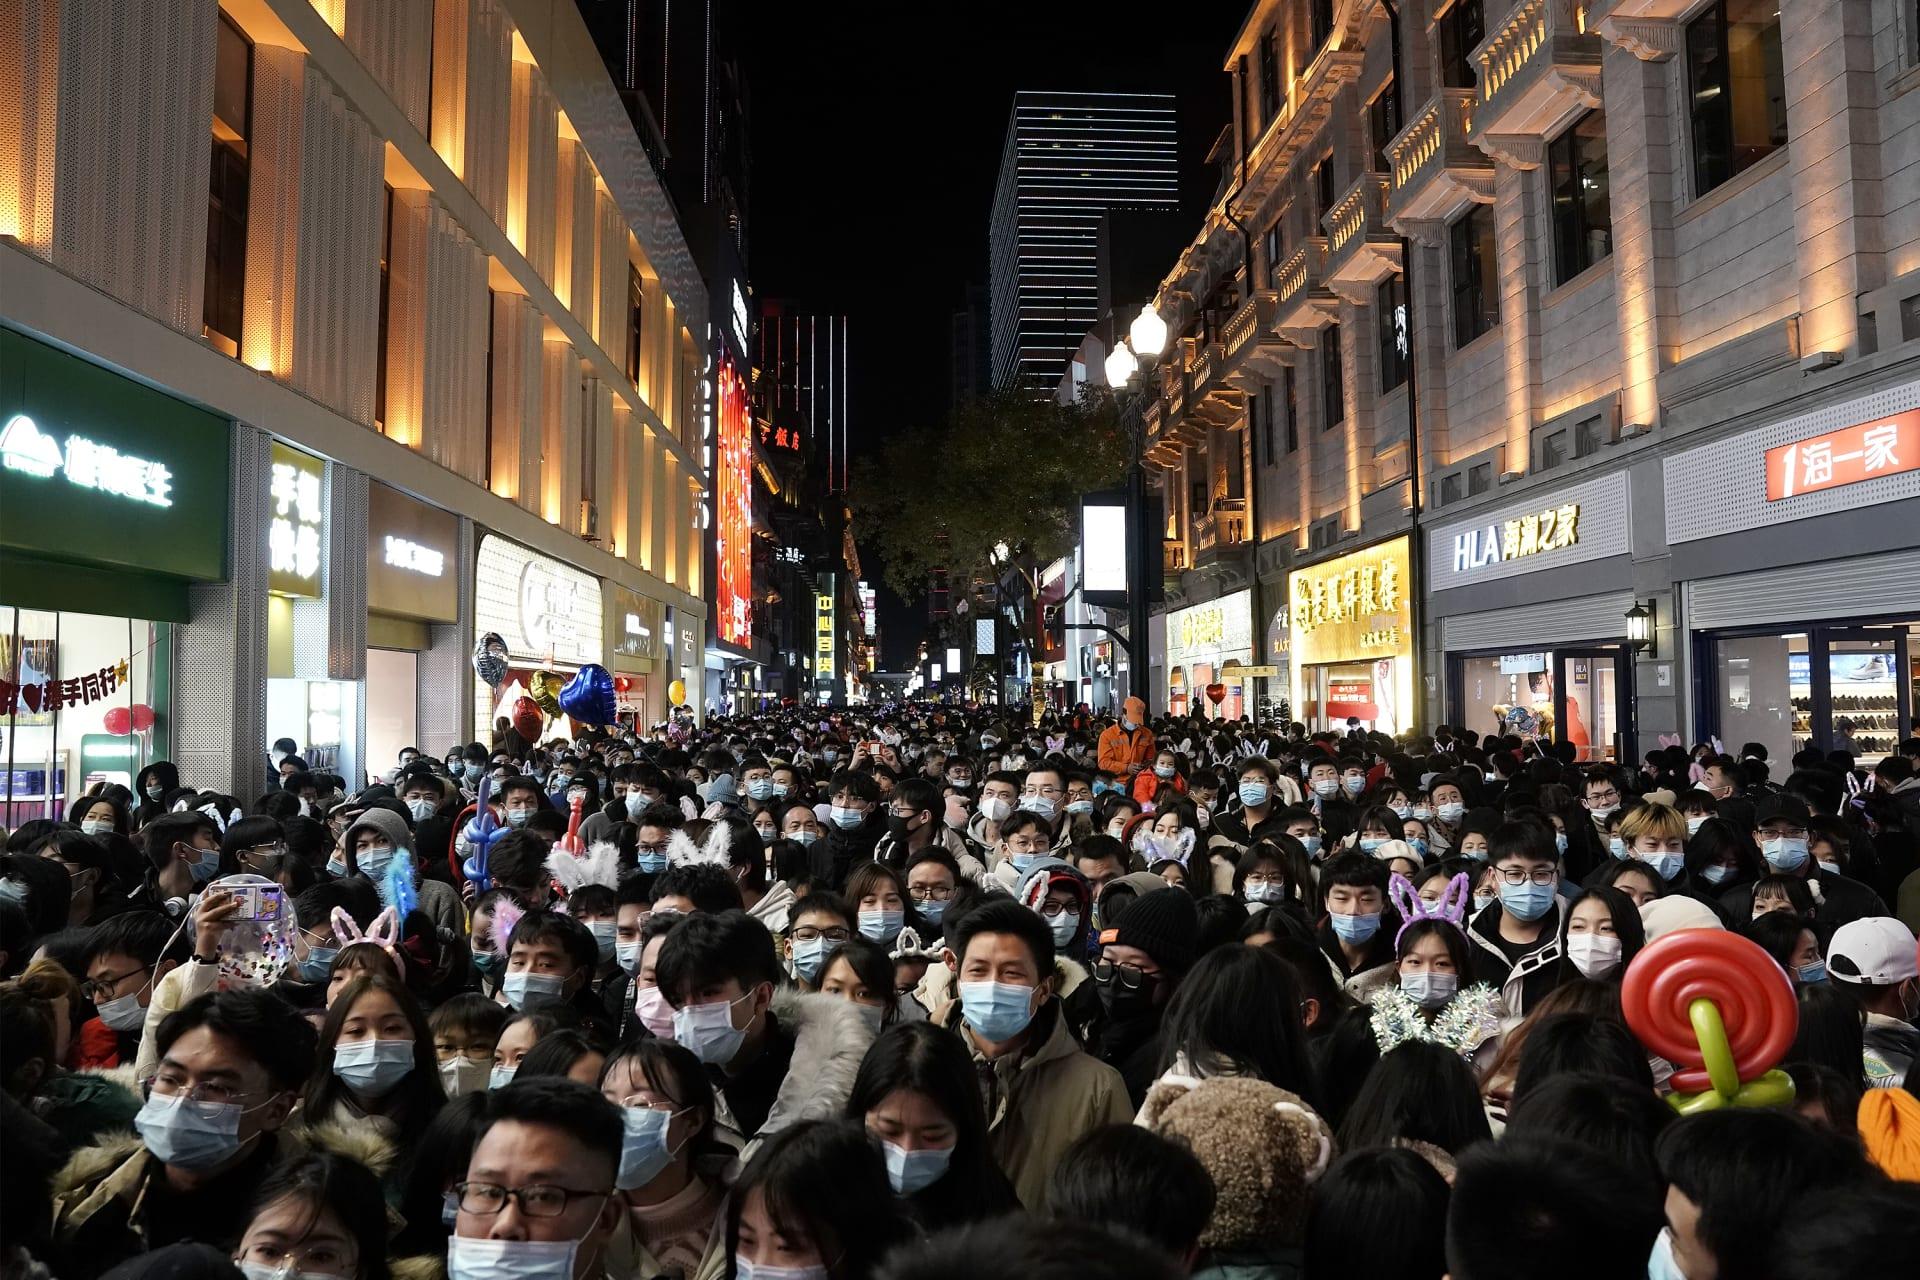 حشود تملأ الشوارع في مدينة ووهان أول بؤرة تفشي لكورونا للاحتفال بالعام الجديد